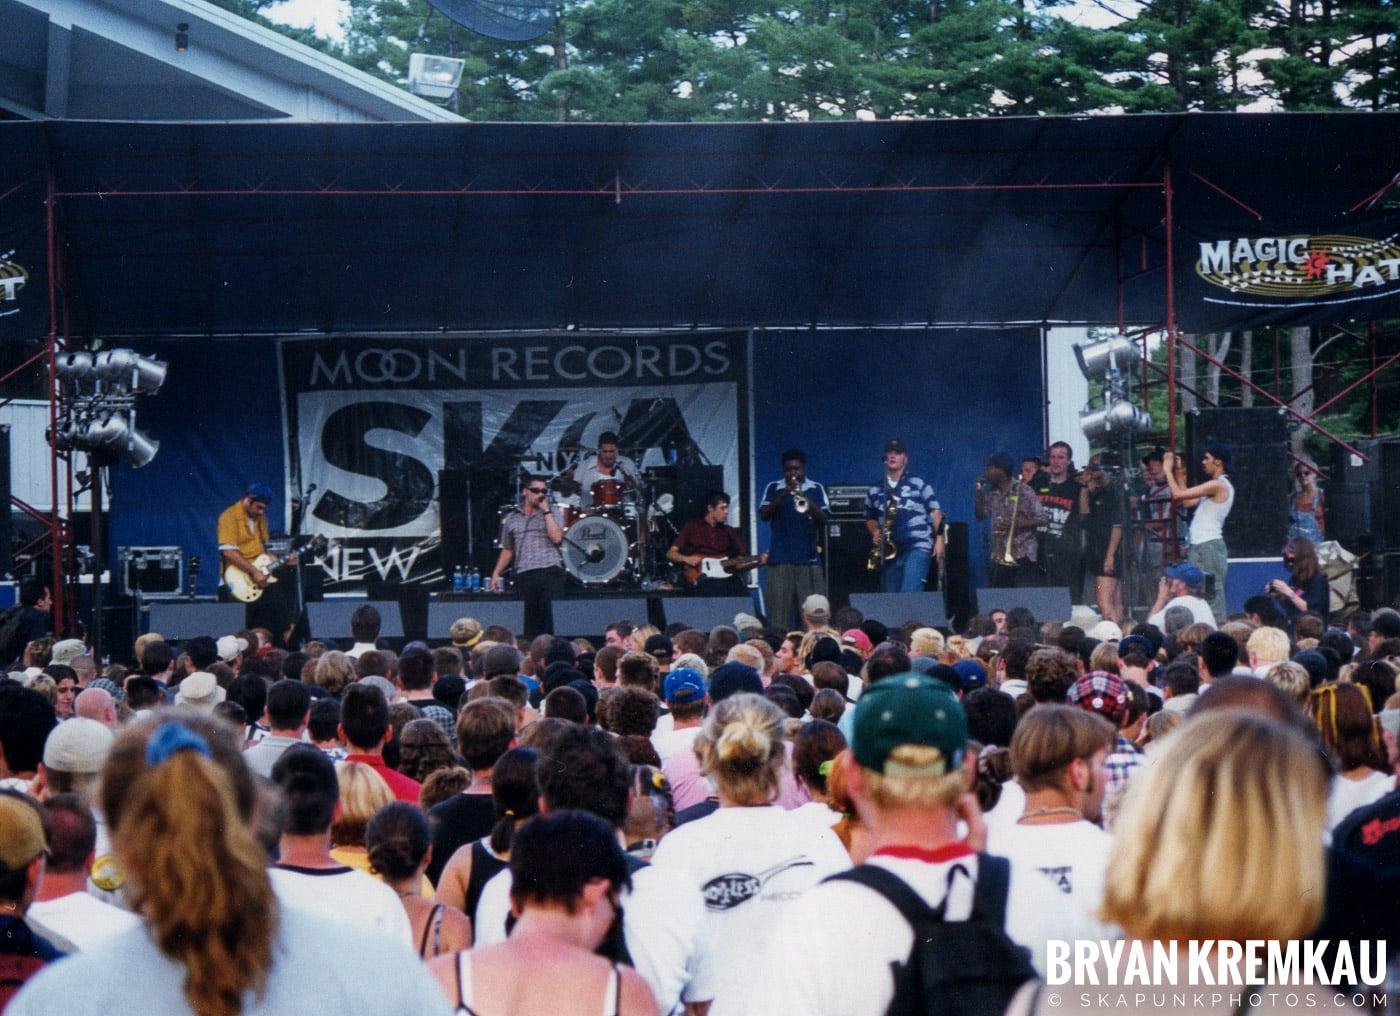 Spring Heeled Jack @ New England Ska Fest 98, Westford, MA - 8.22.98 (7)